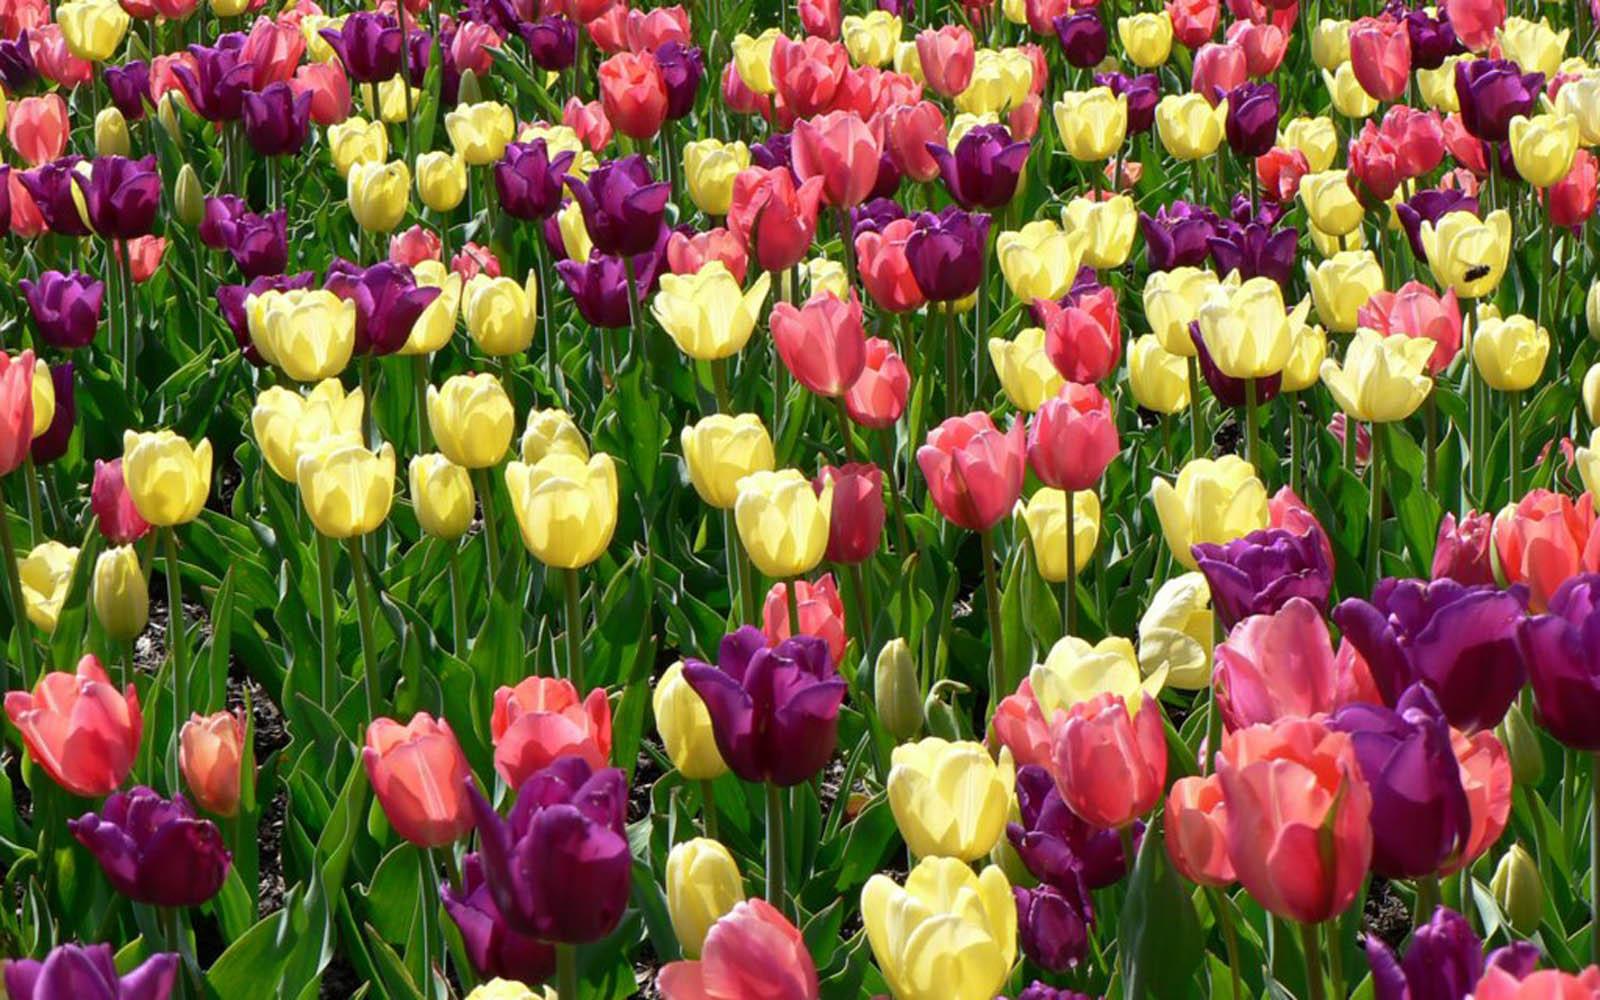 free spring flowers wallpaper desktop - flowers healthy